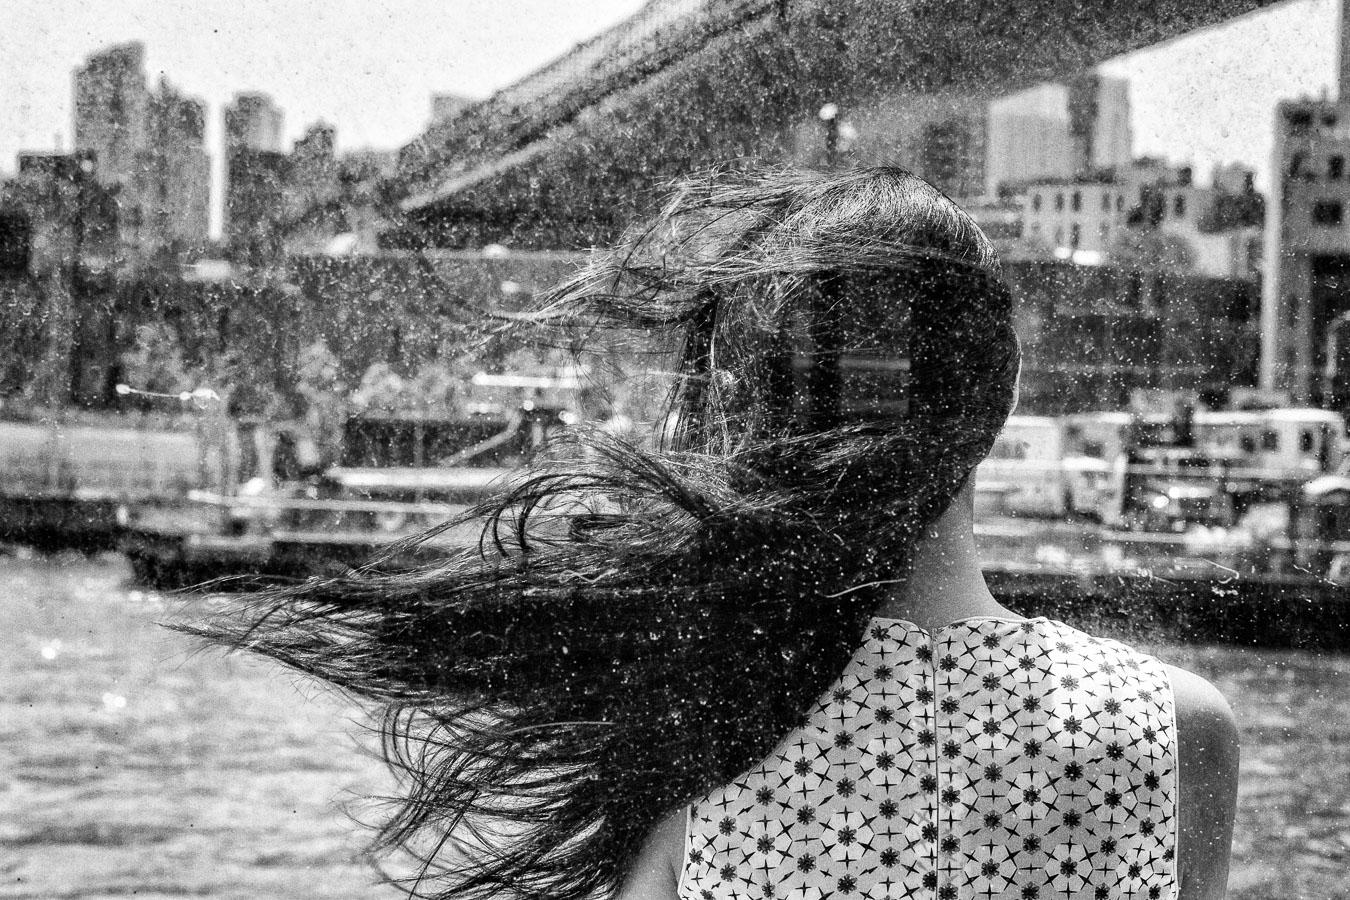 Photographie de voyage - cheveux dans le vent, New York